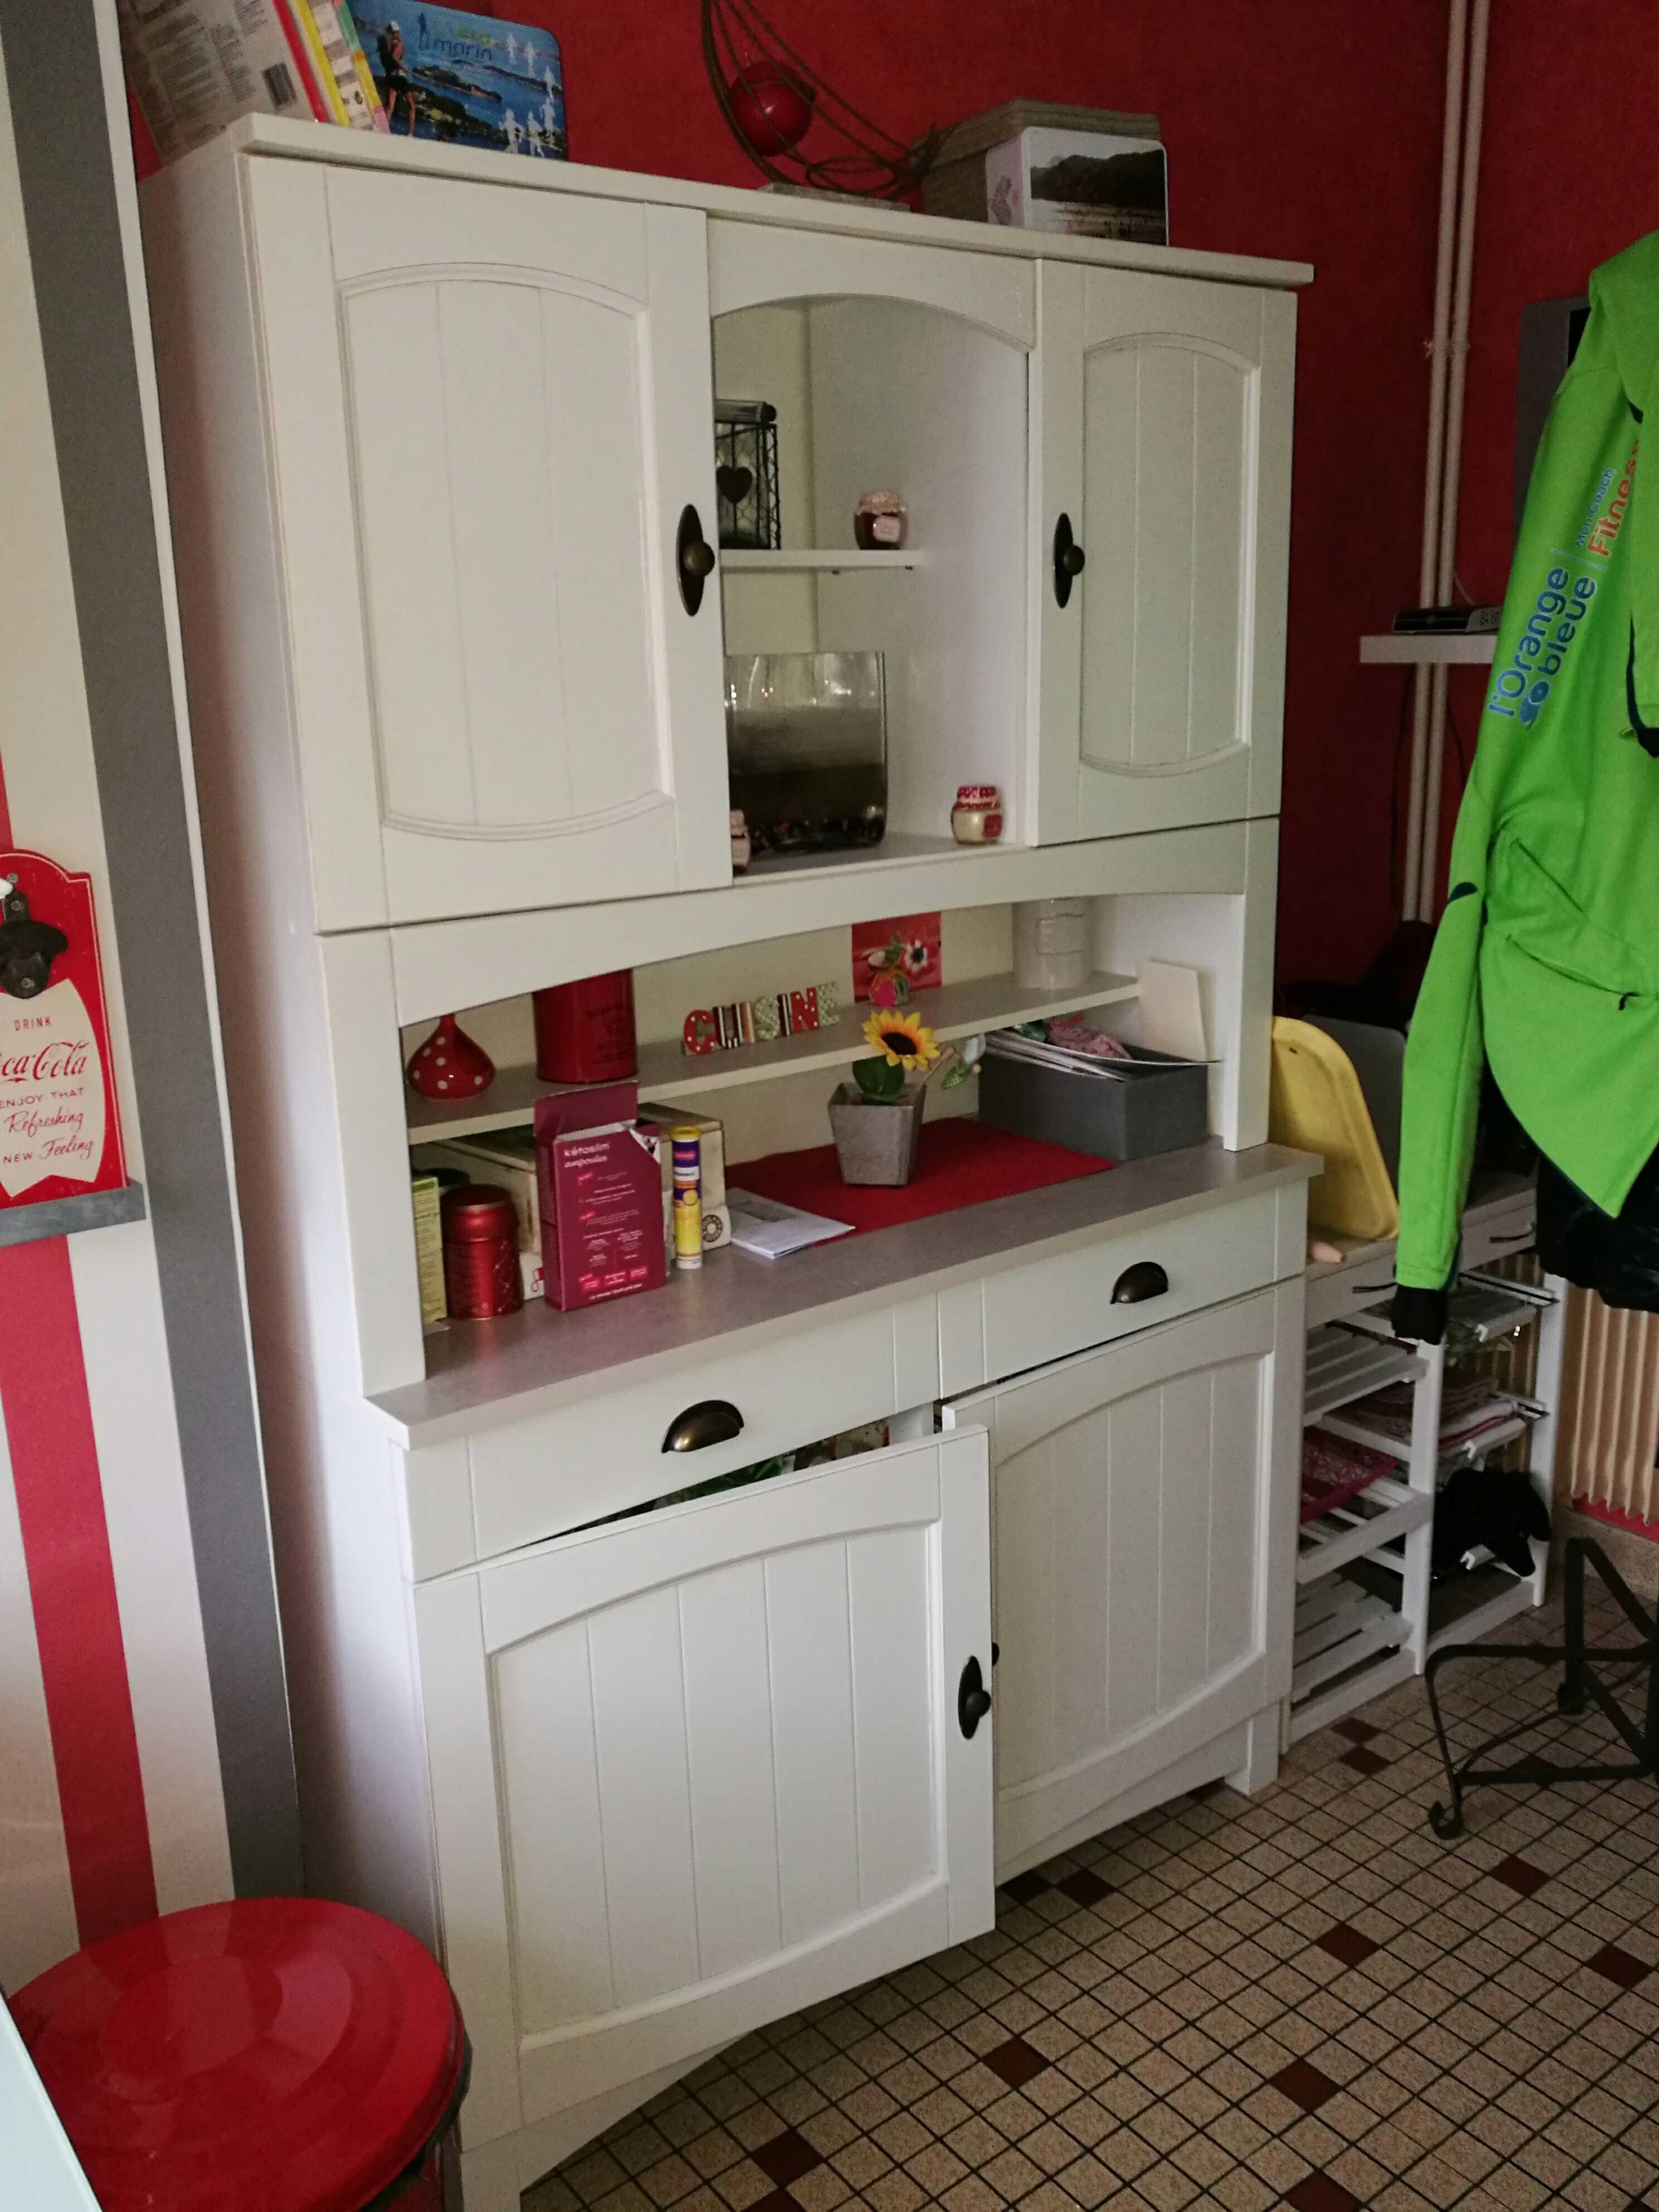 meubles de cuisine occasion dans la manche 50 annonces achat et vente de meubles de cuisine. Black Bedroom Furniture Sets. Home Design Ideas